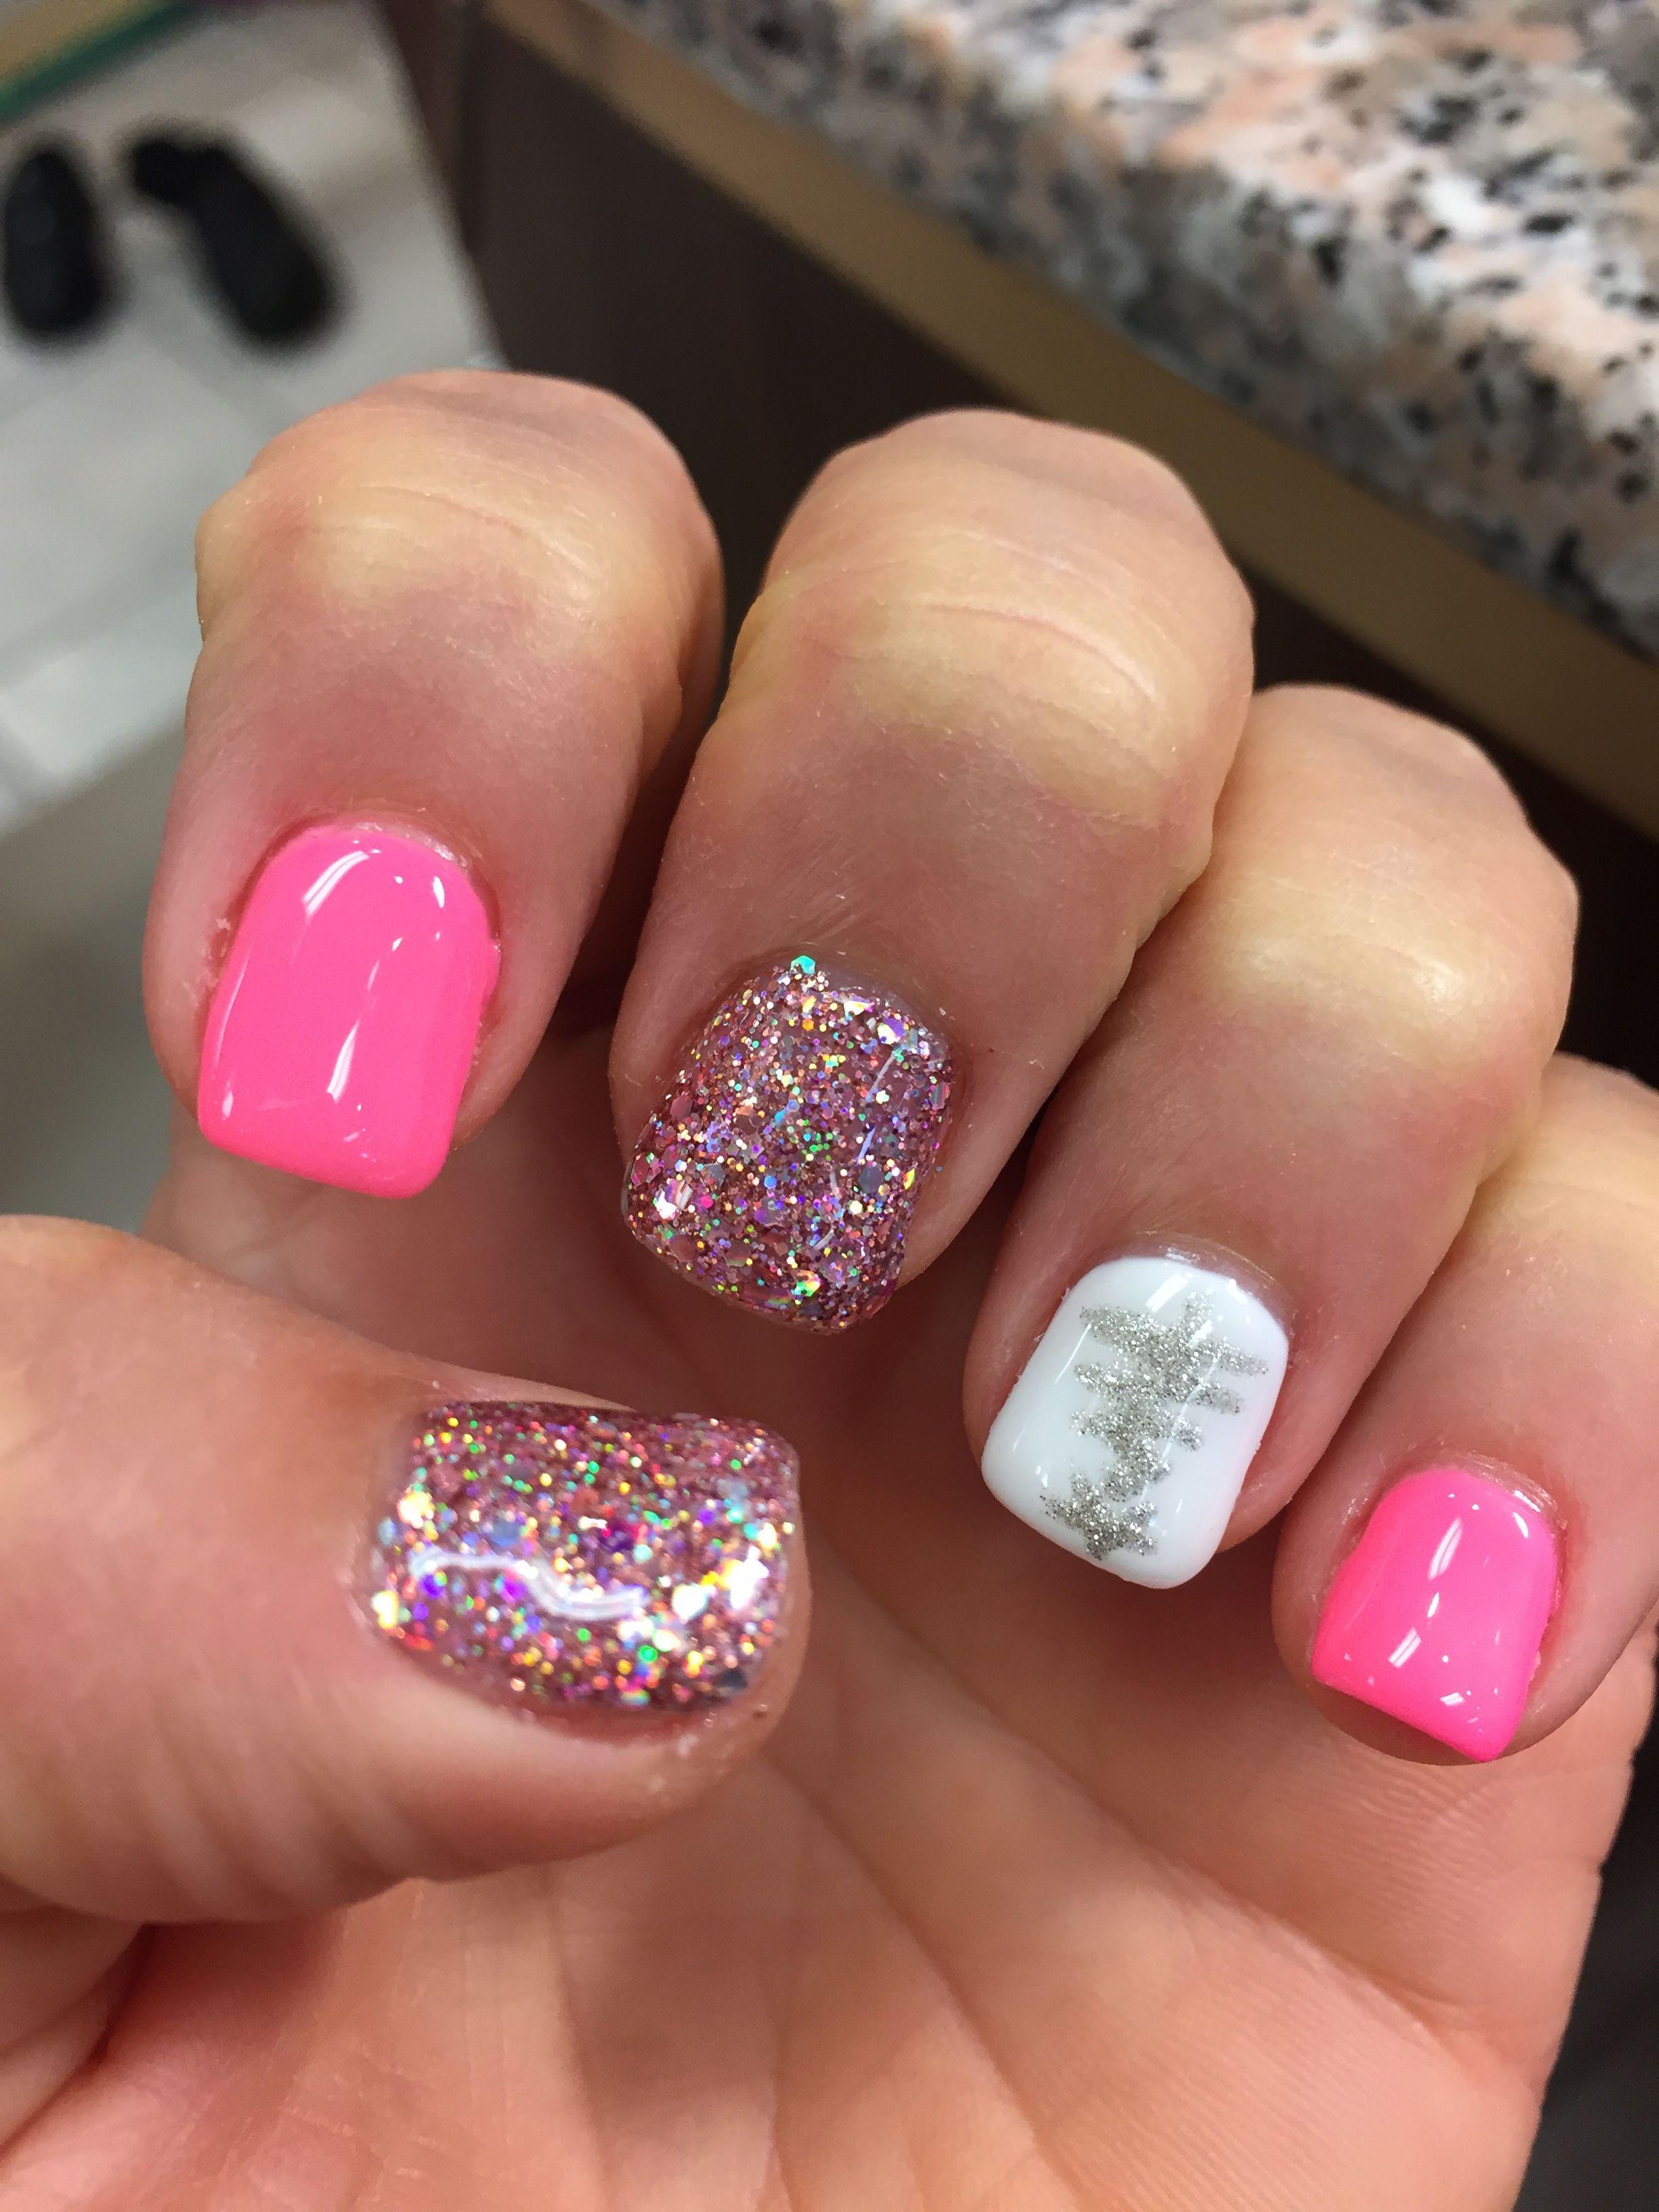 Christmas Nail Design Pink Glitter Christmas Tree Mani Gel Shellac Nails In 2019 Pink Nail